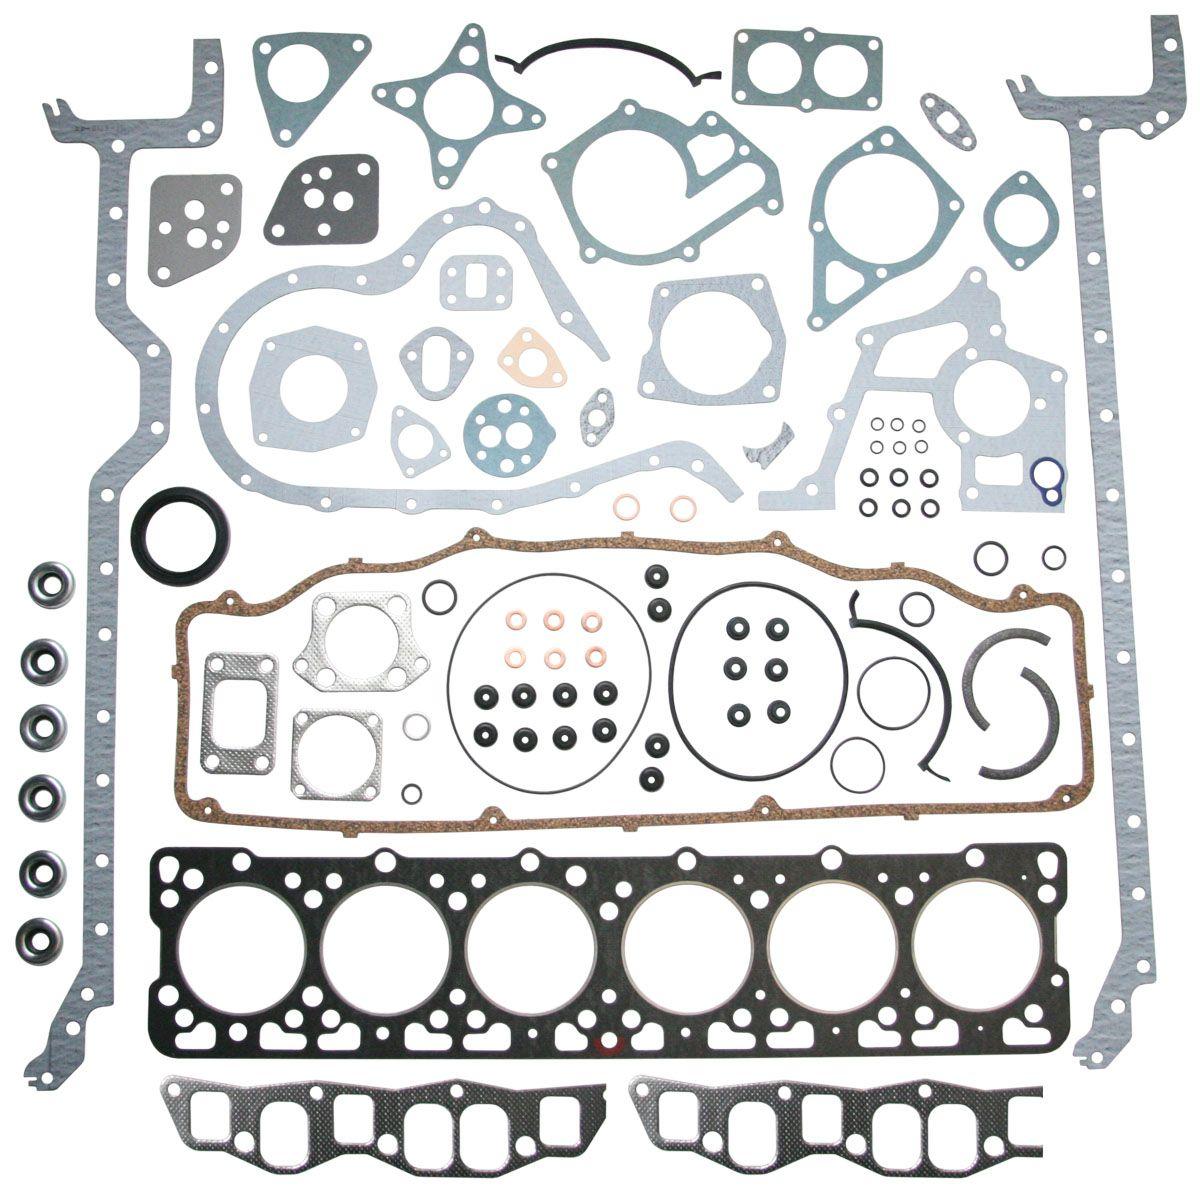 EMMARK INDUSTRIAL GASKET SET, COMPLETE - (GN510826F6008DA)